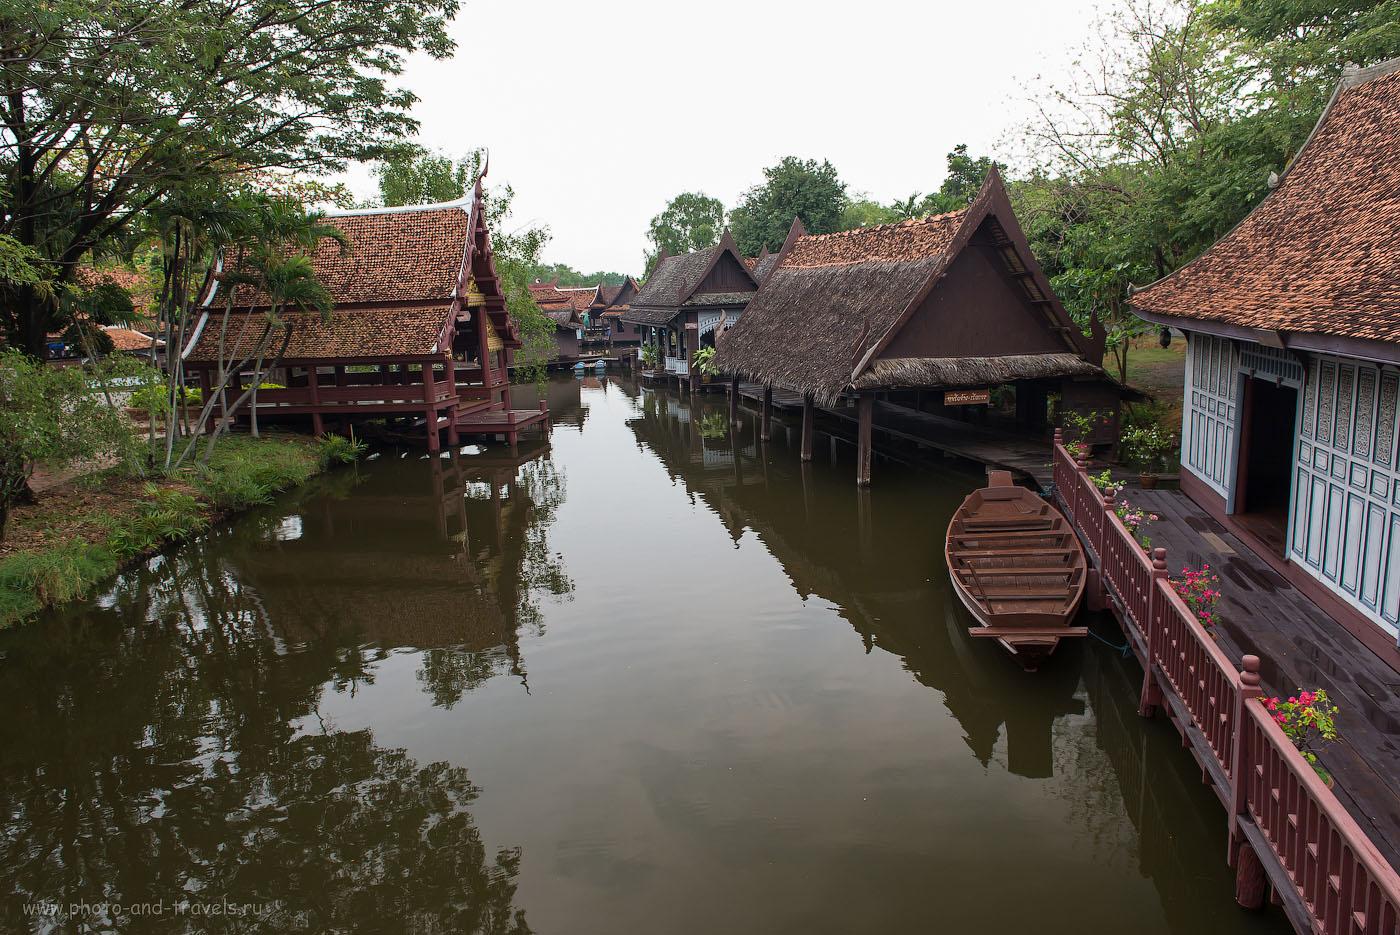 Фото 8. Рыбацкая деревня в историческом парке Mueang Boran на окраине Бангкока. Отзыв об отдыхе в Таиланде дикарями (320, 24, 8.0, 1/50)